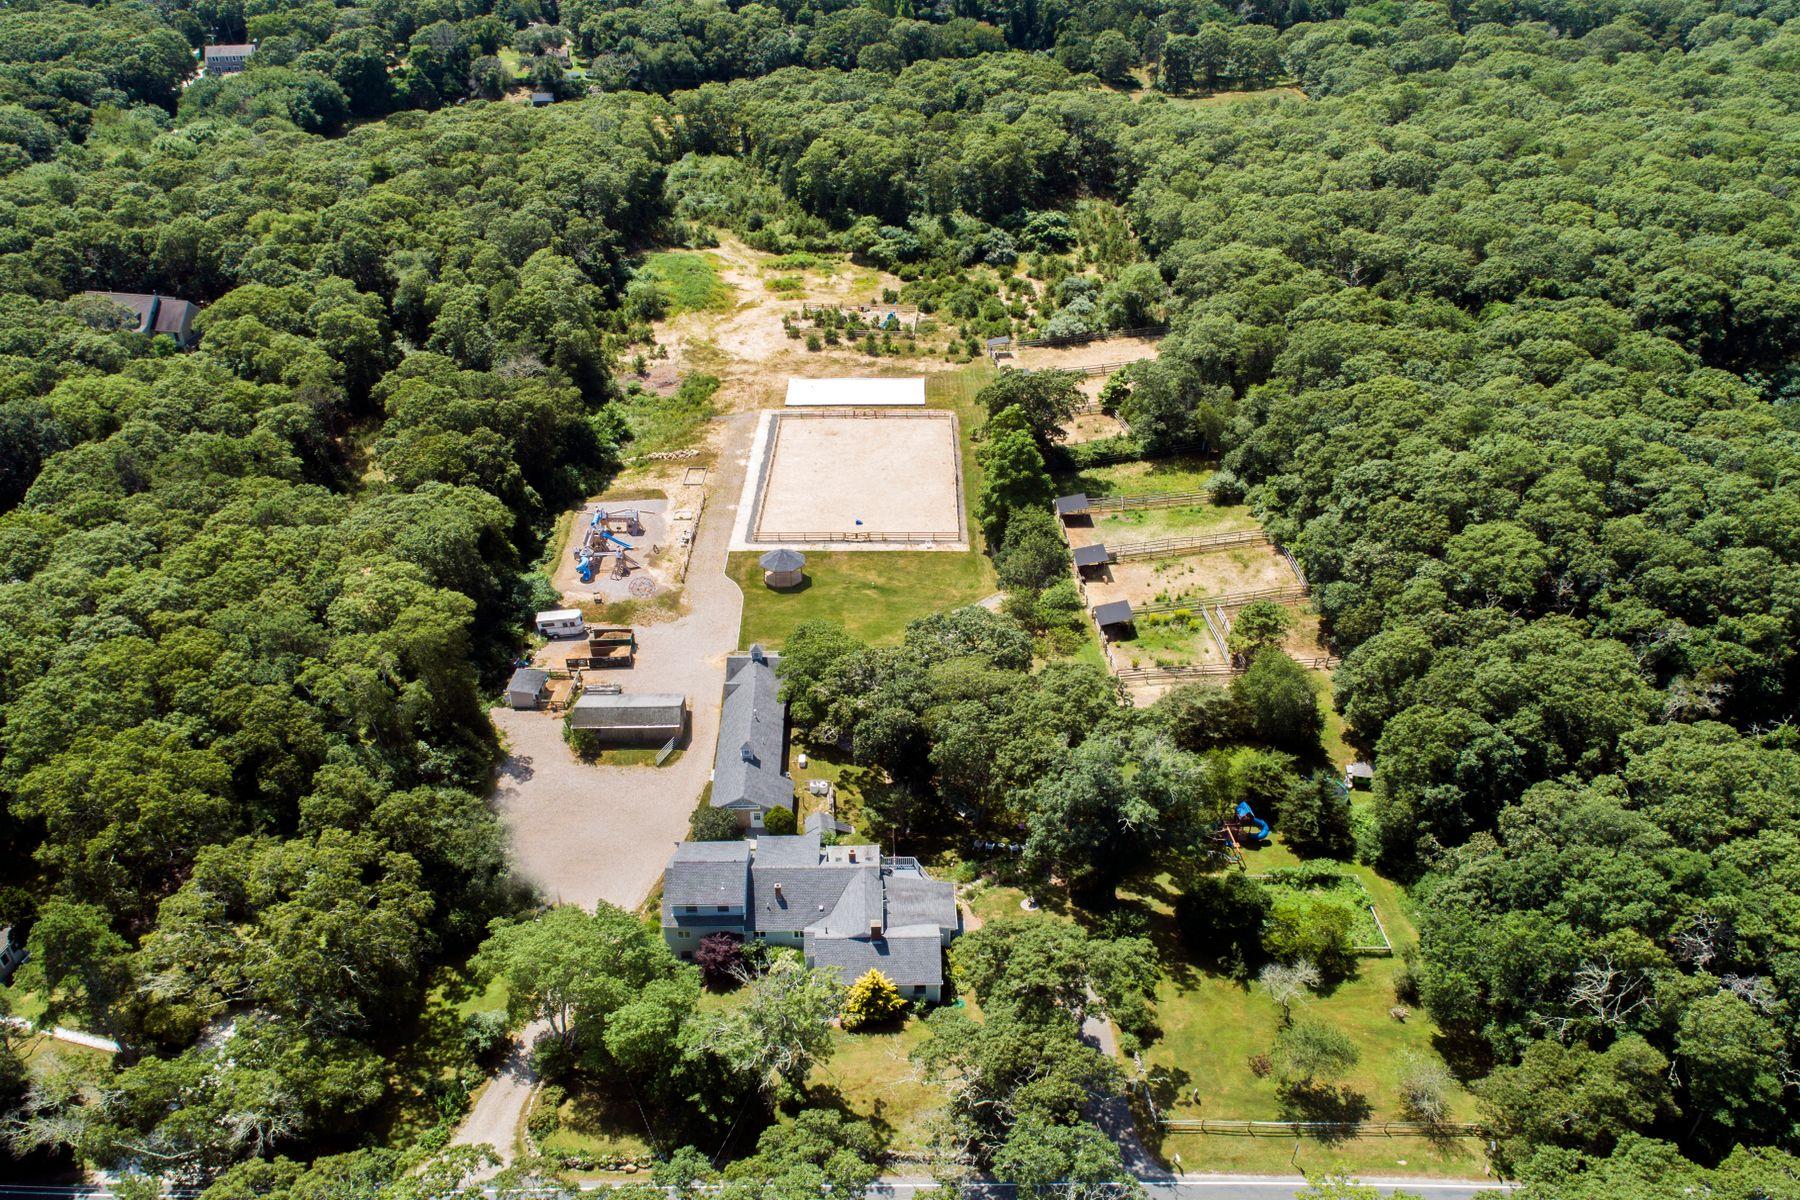 Ferme / Ranch / Plantation pour l Vente à 263 Cedar Street West Barnstable, Massachusetts 02668 États-Unis